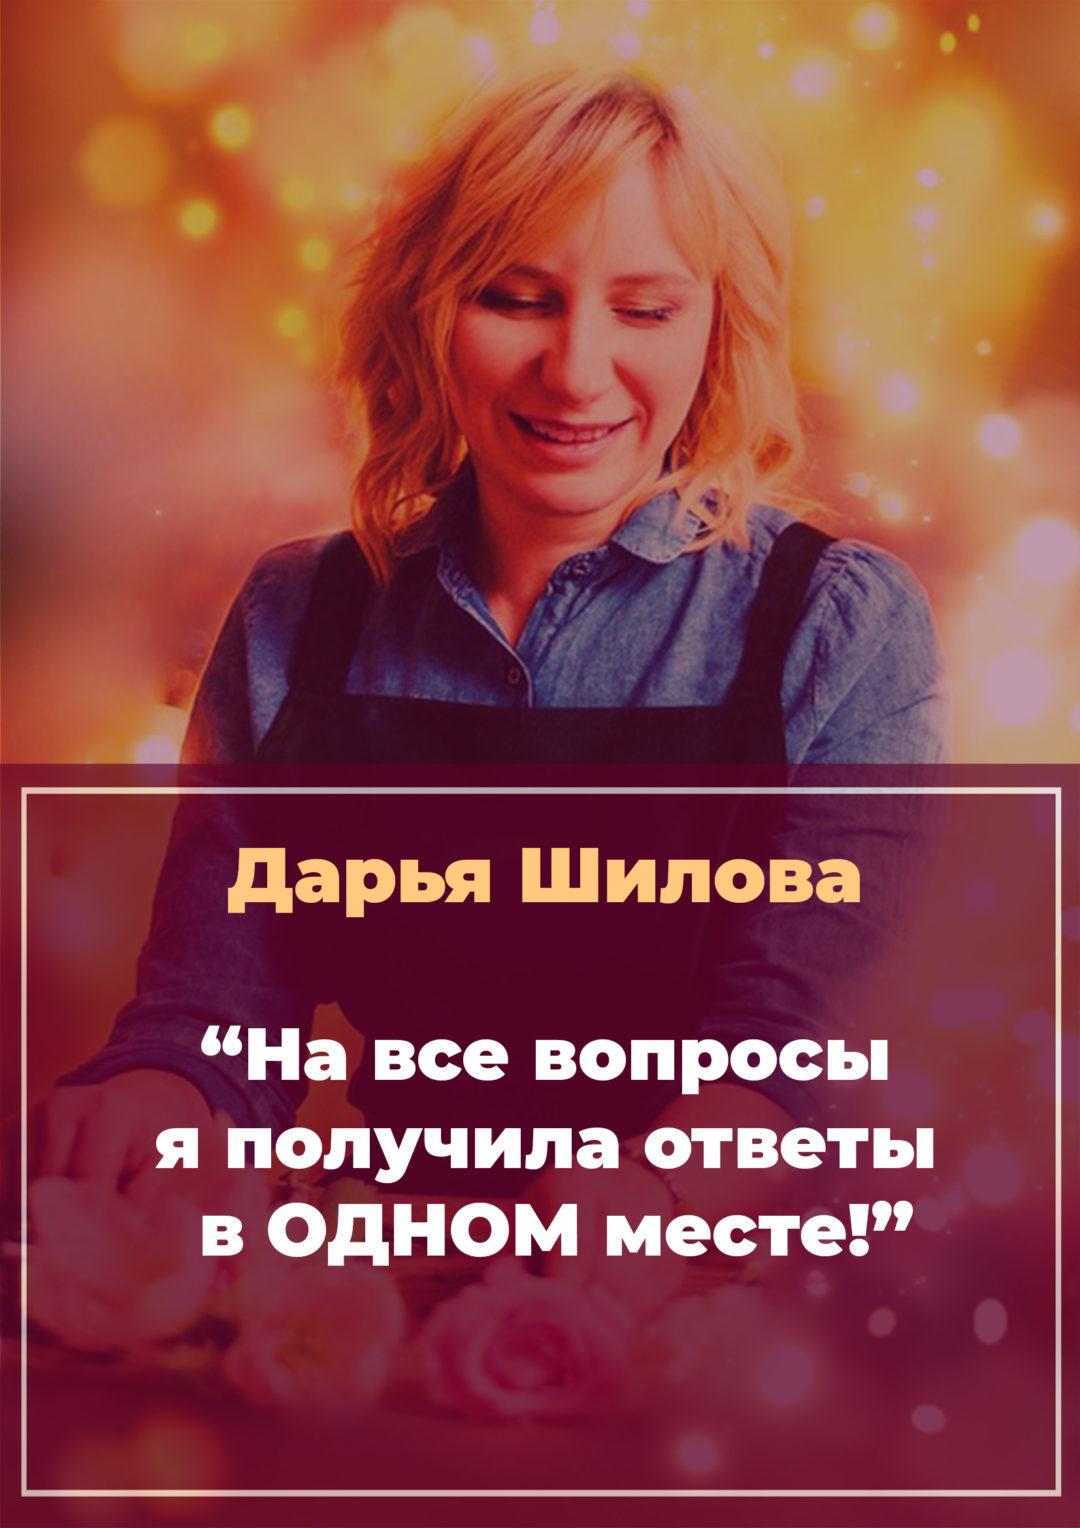 История Дарьи Шиловой